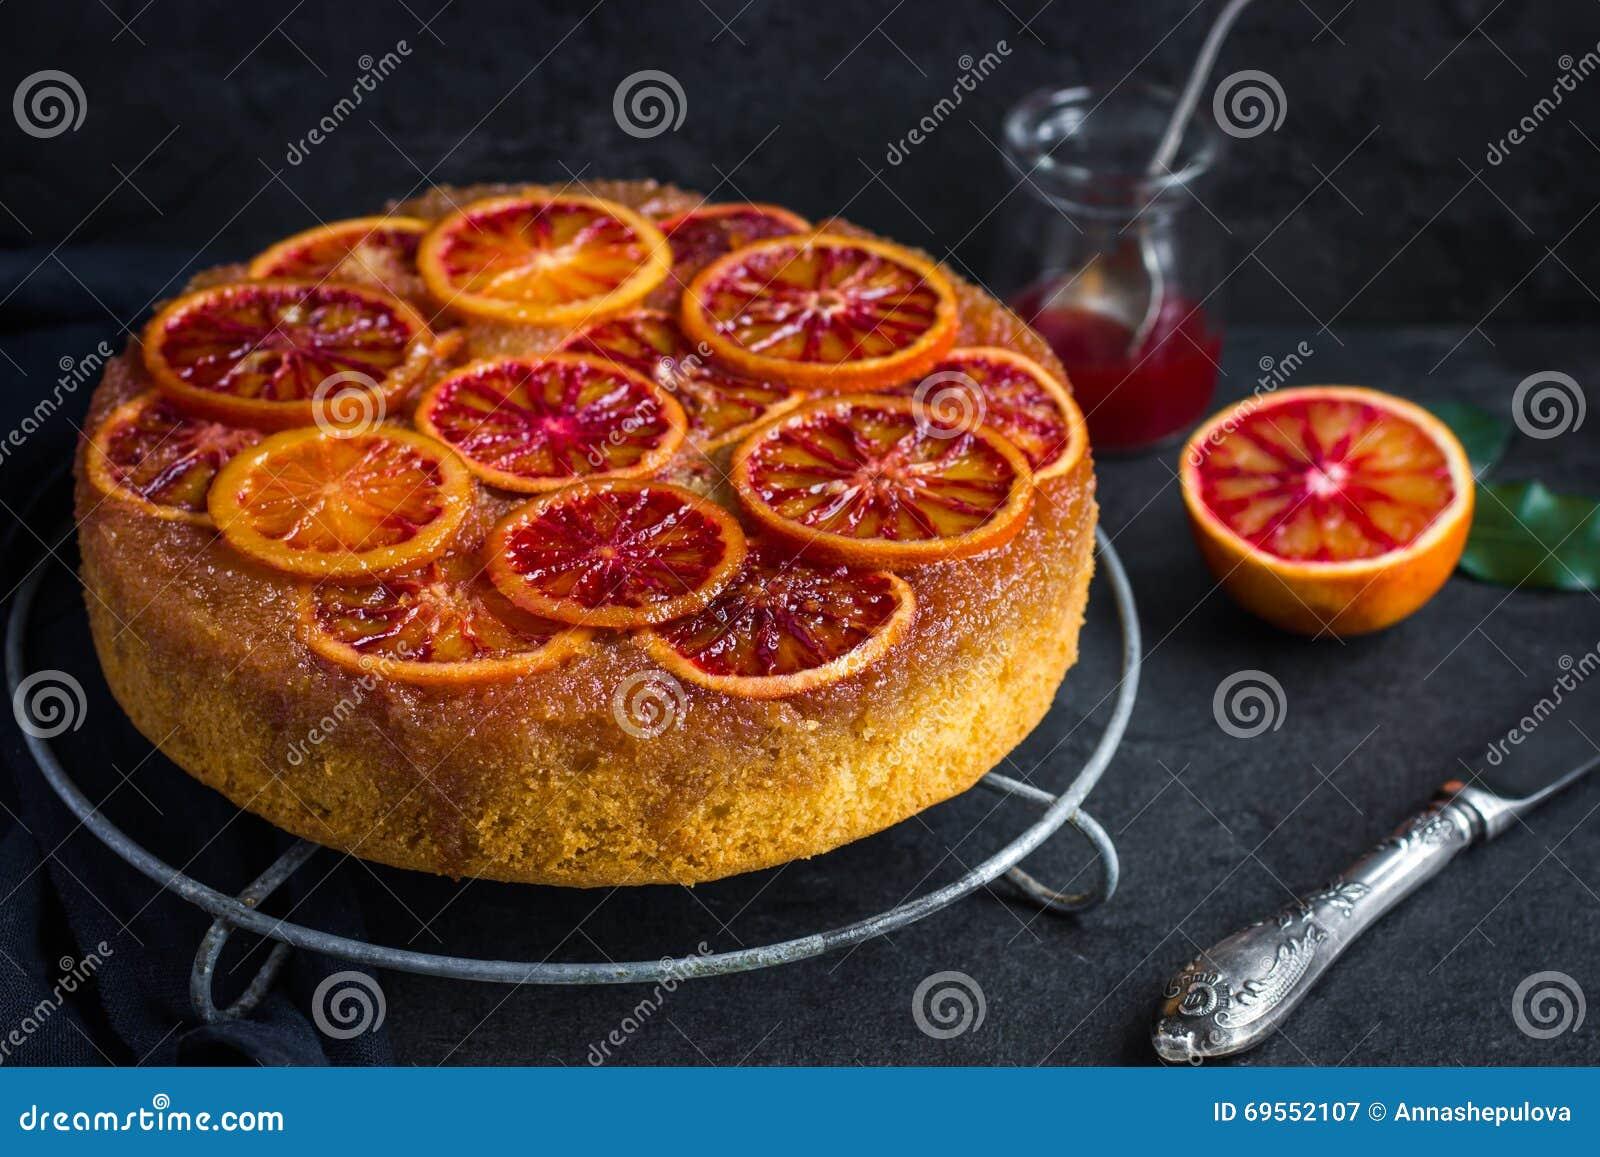 Upside Down Blood Orange Cake Royalty Free Stock